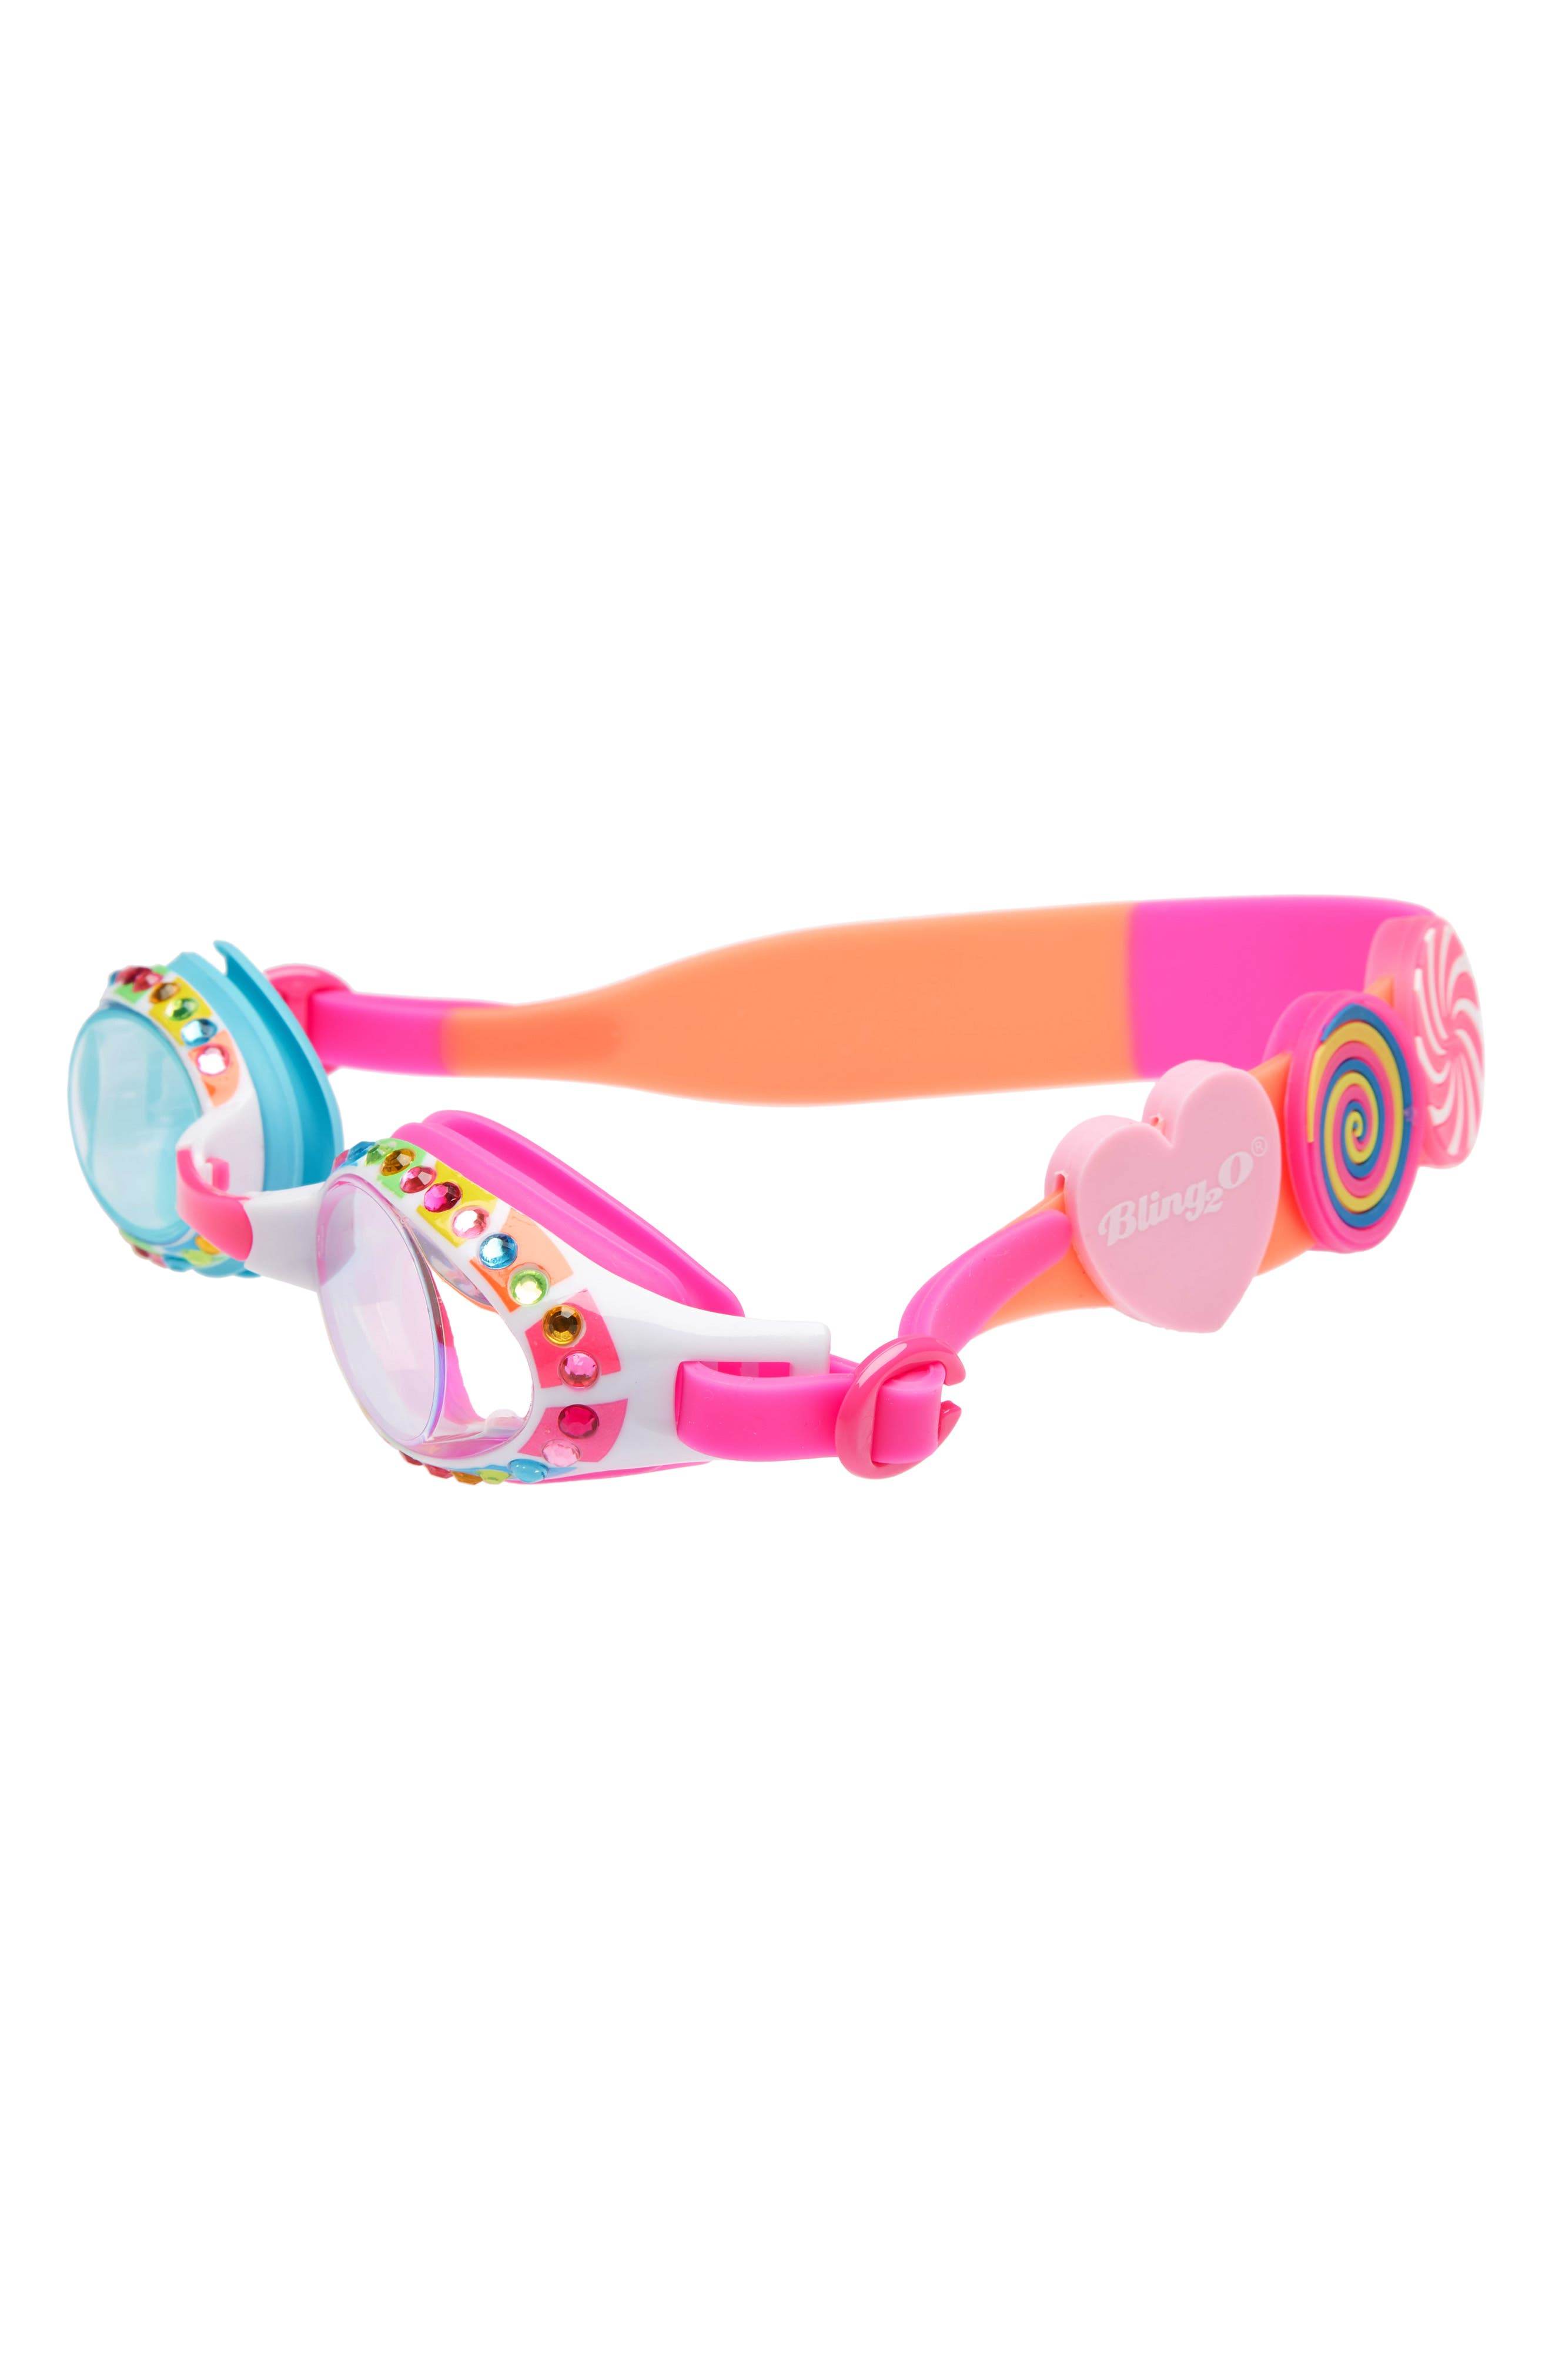 Lolli Poppins Swim Goggles,                         Main,                         color, Pink/ Orange